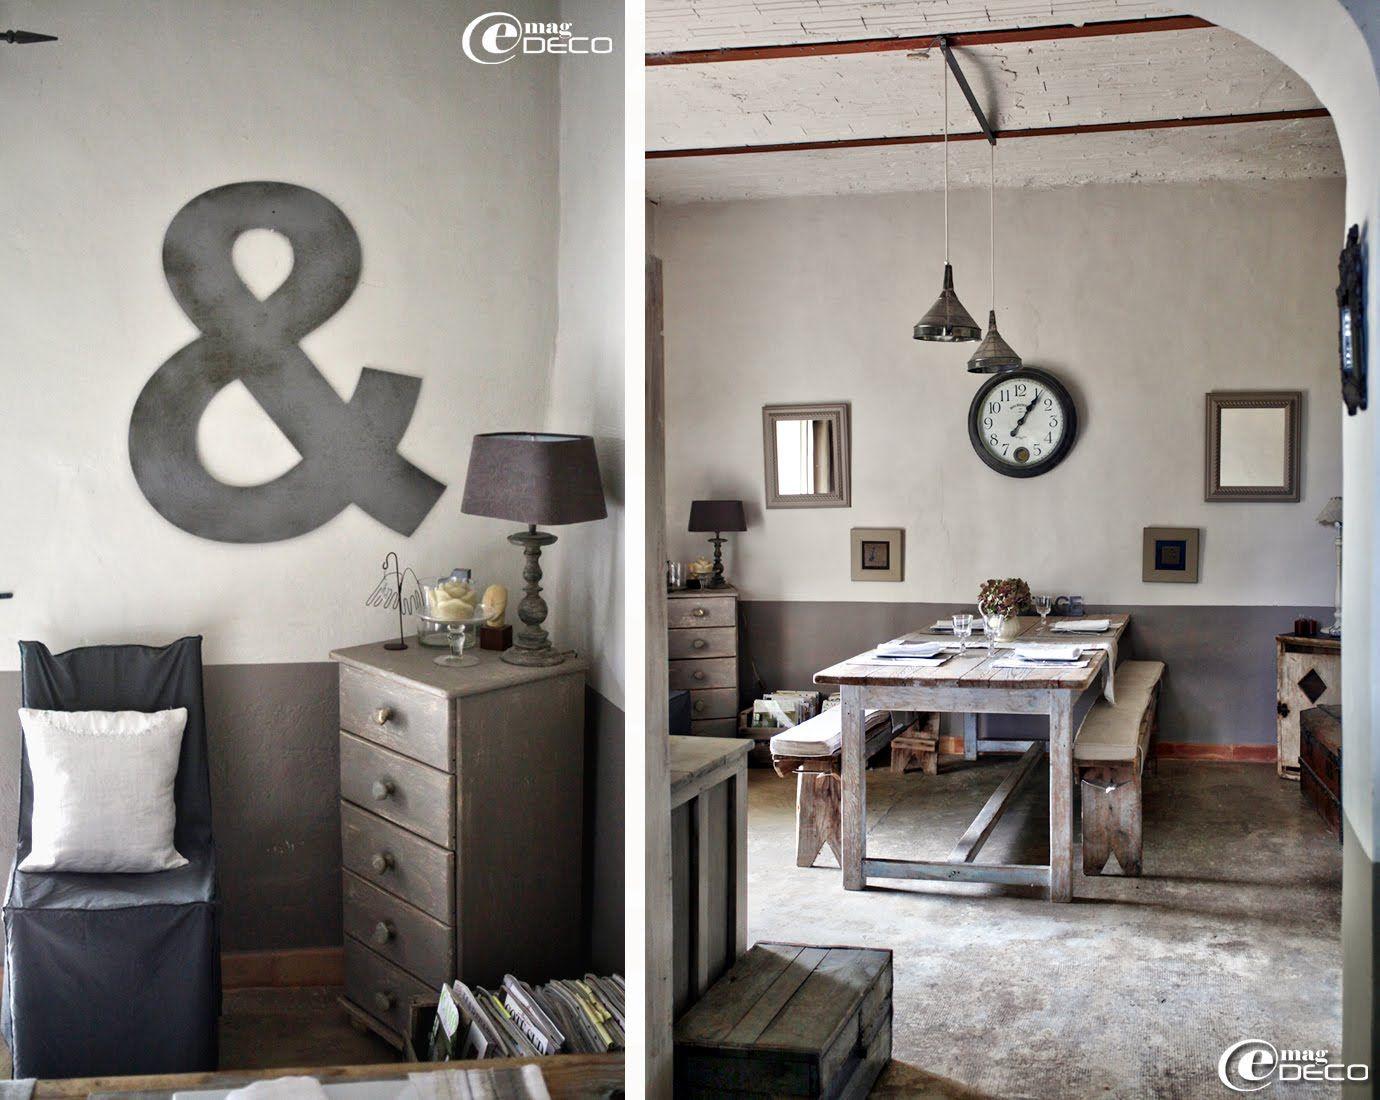 salle manger habille dun camaeu de gris et blanc dans un esprit rcup - Decoration Salle A Manger Gris Et Blanc